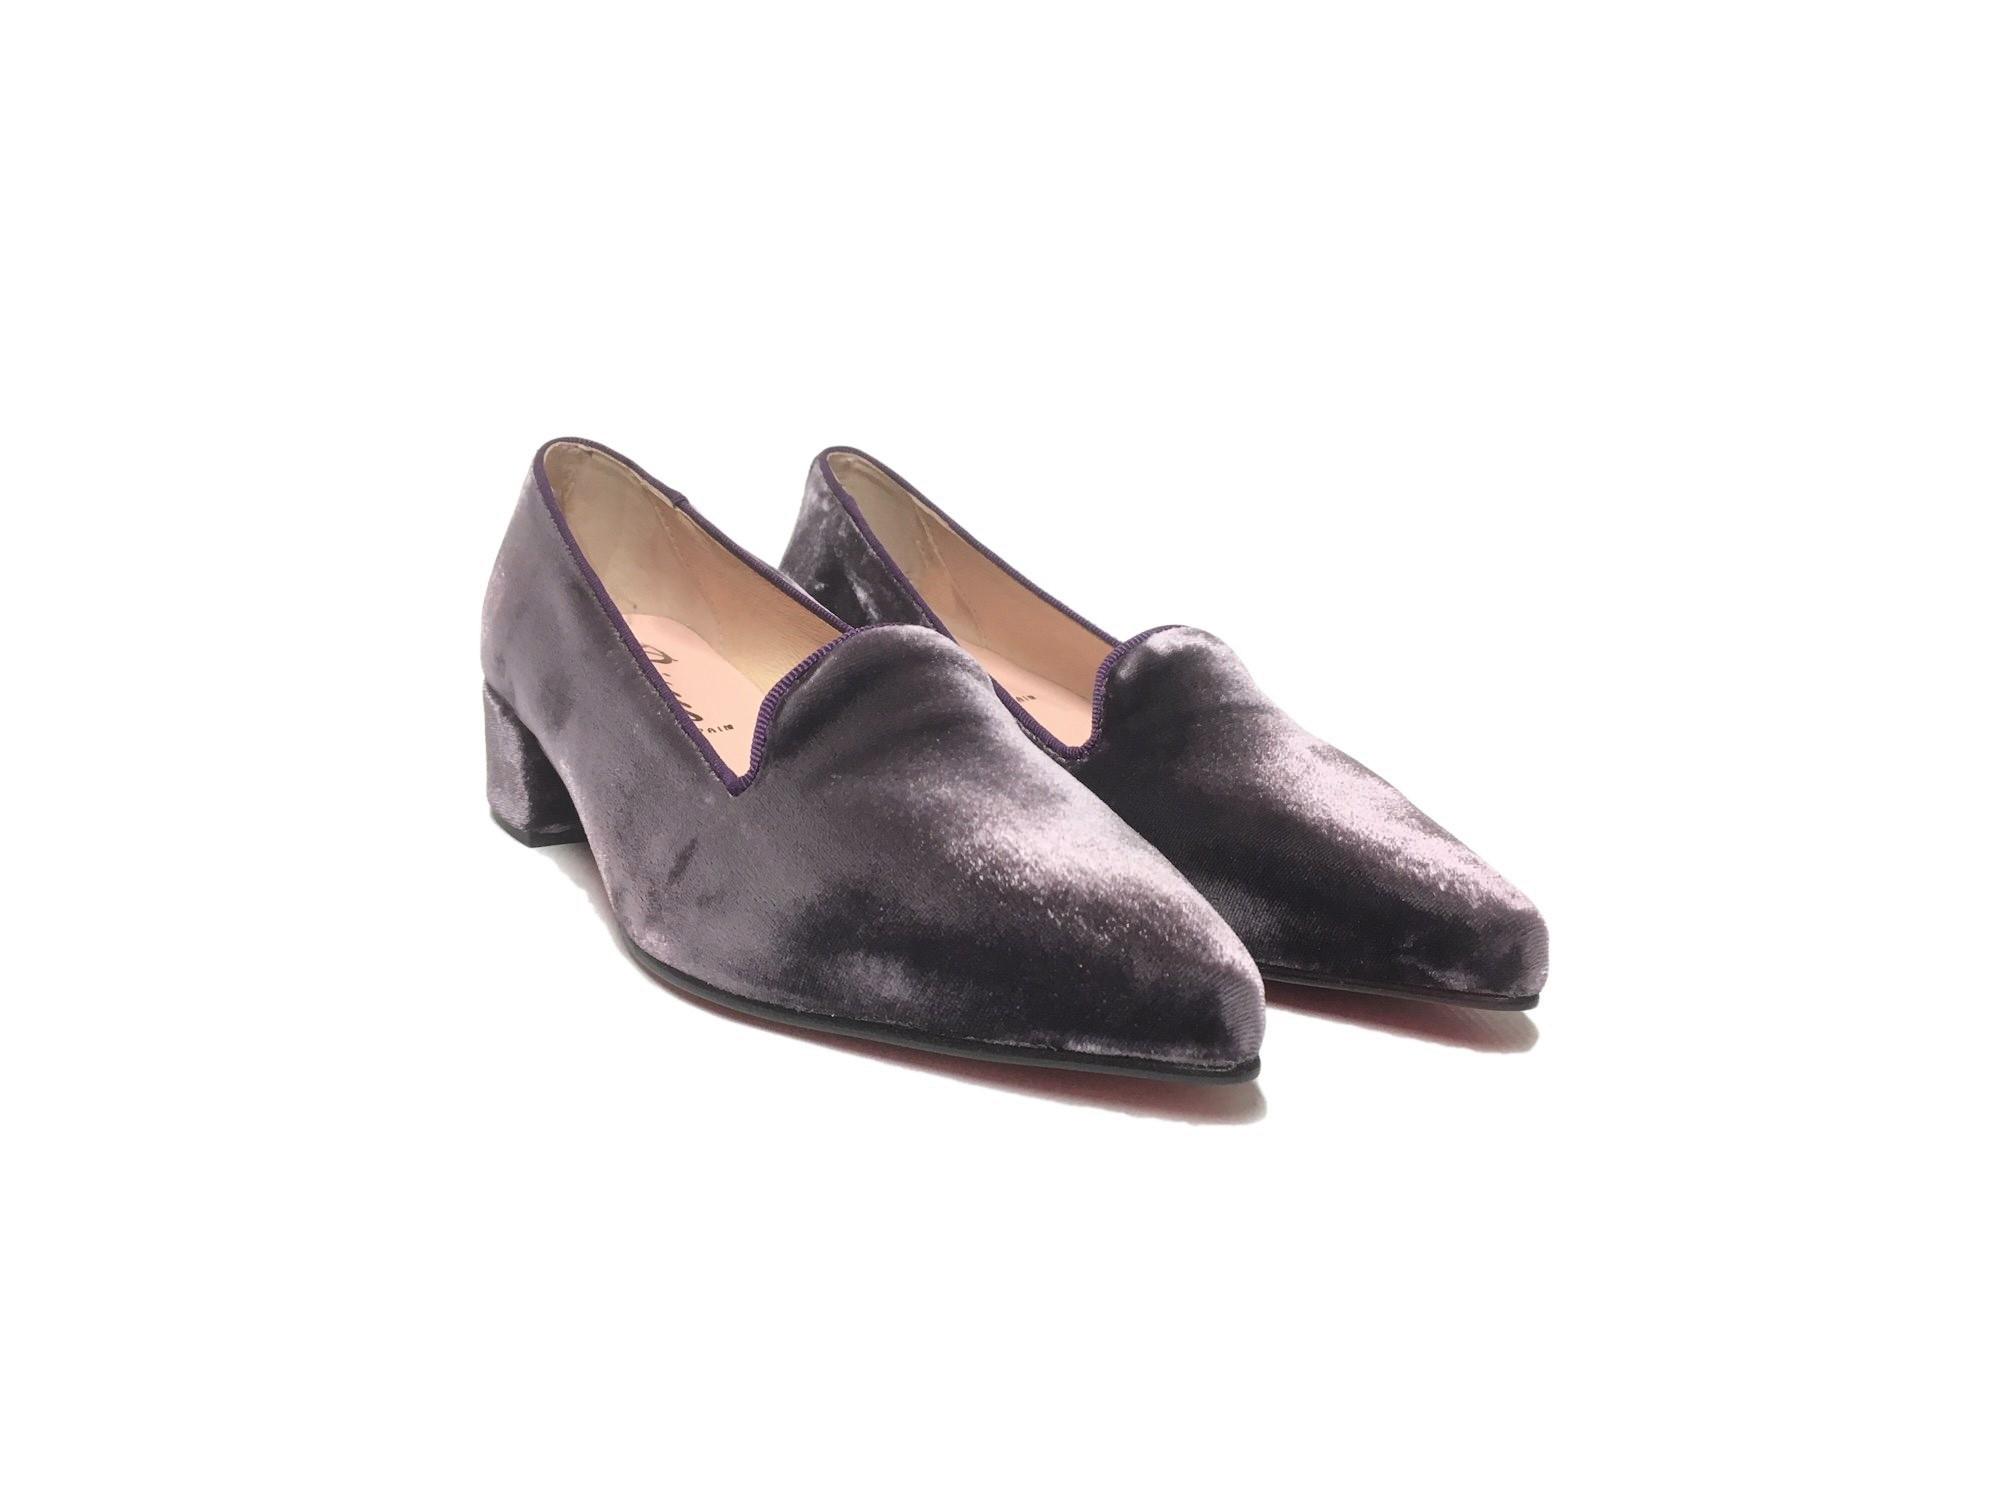 Bisue violett – miaShoes Salzburg 0467131967